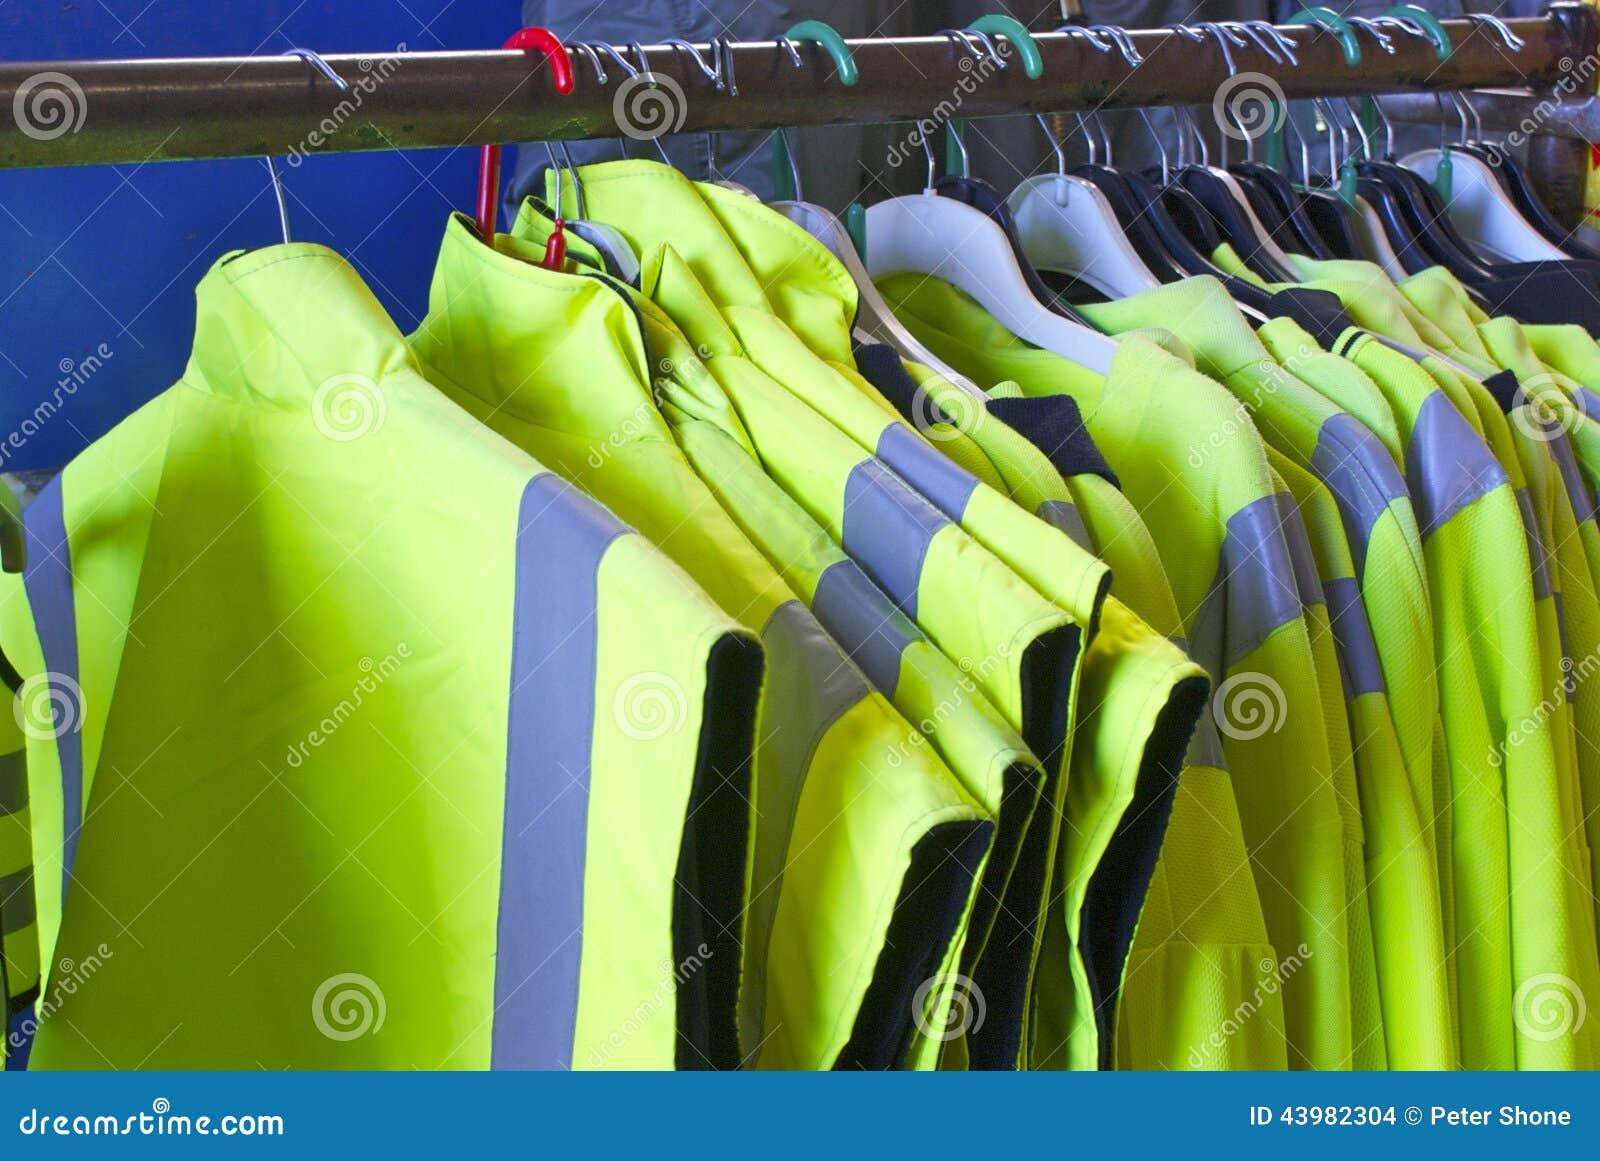 Zbawcze kurtki na wieszakach